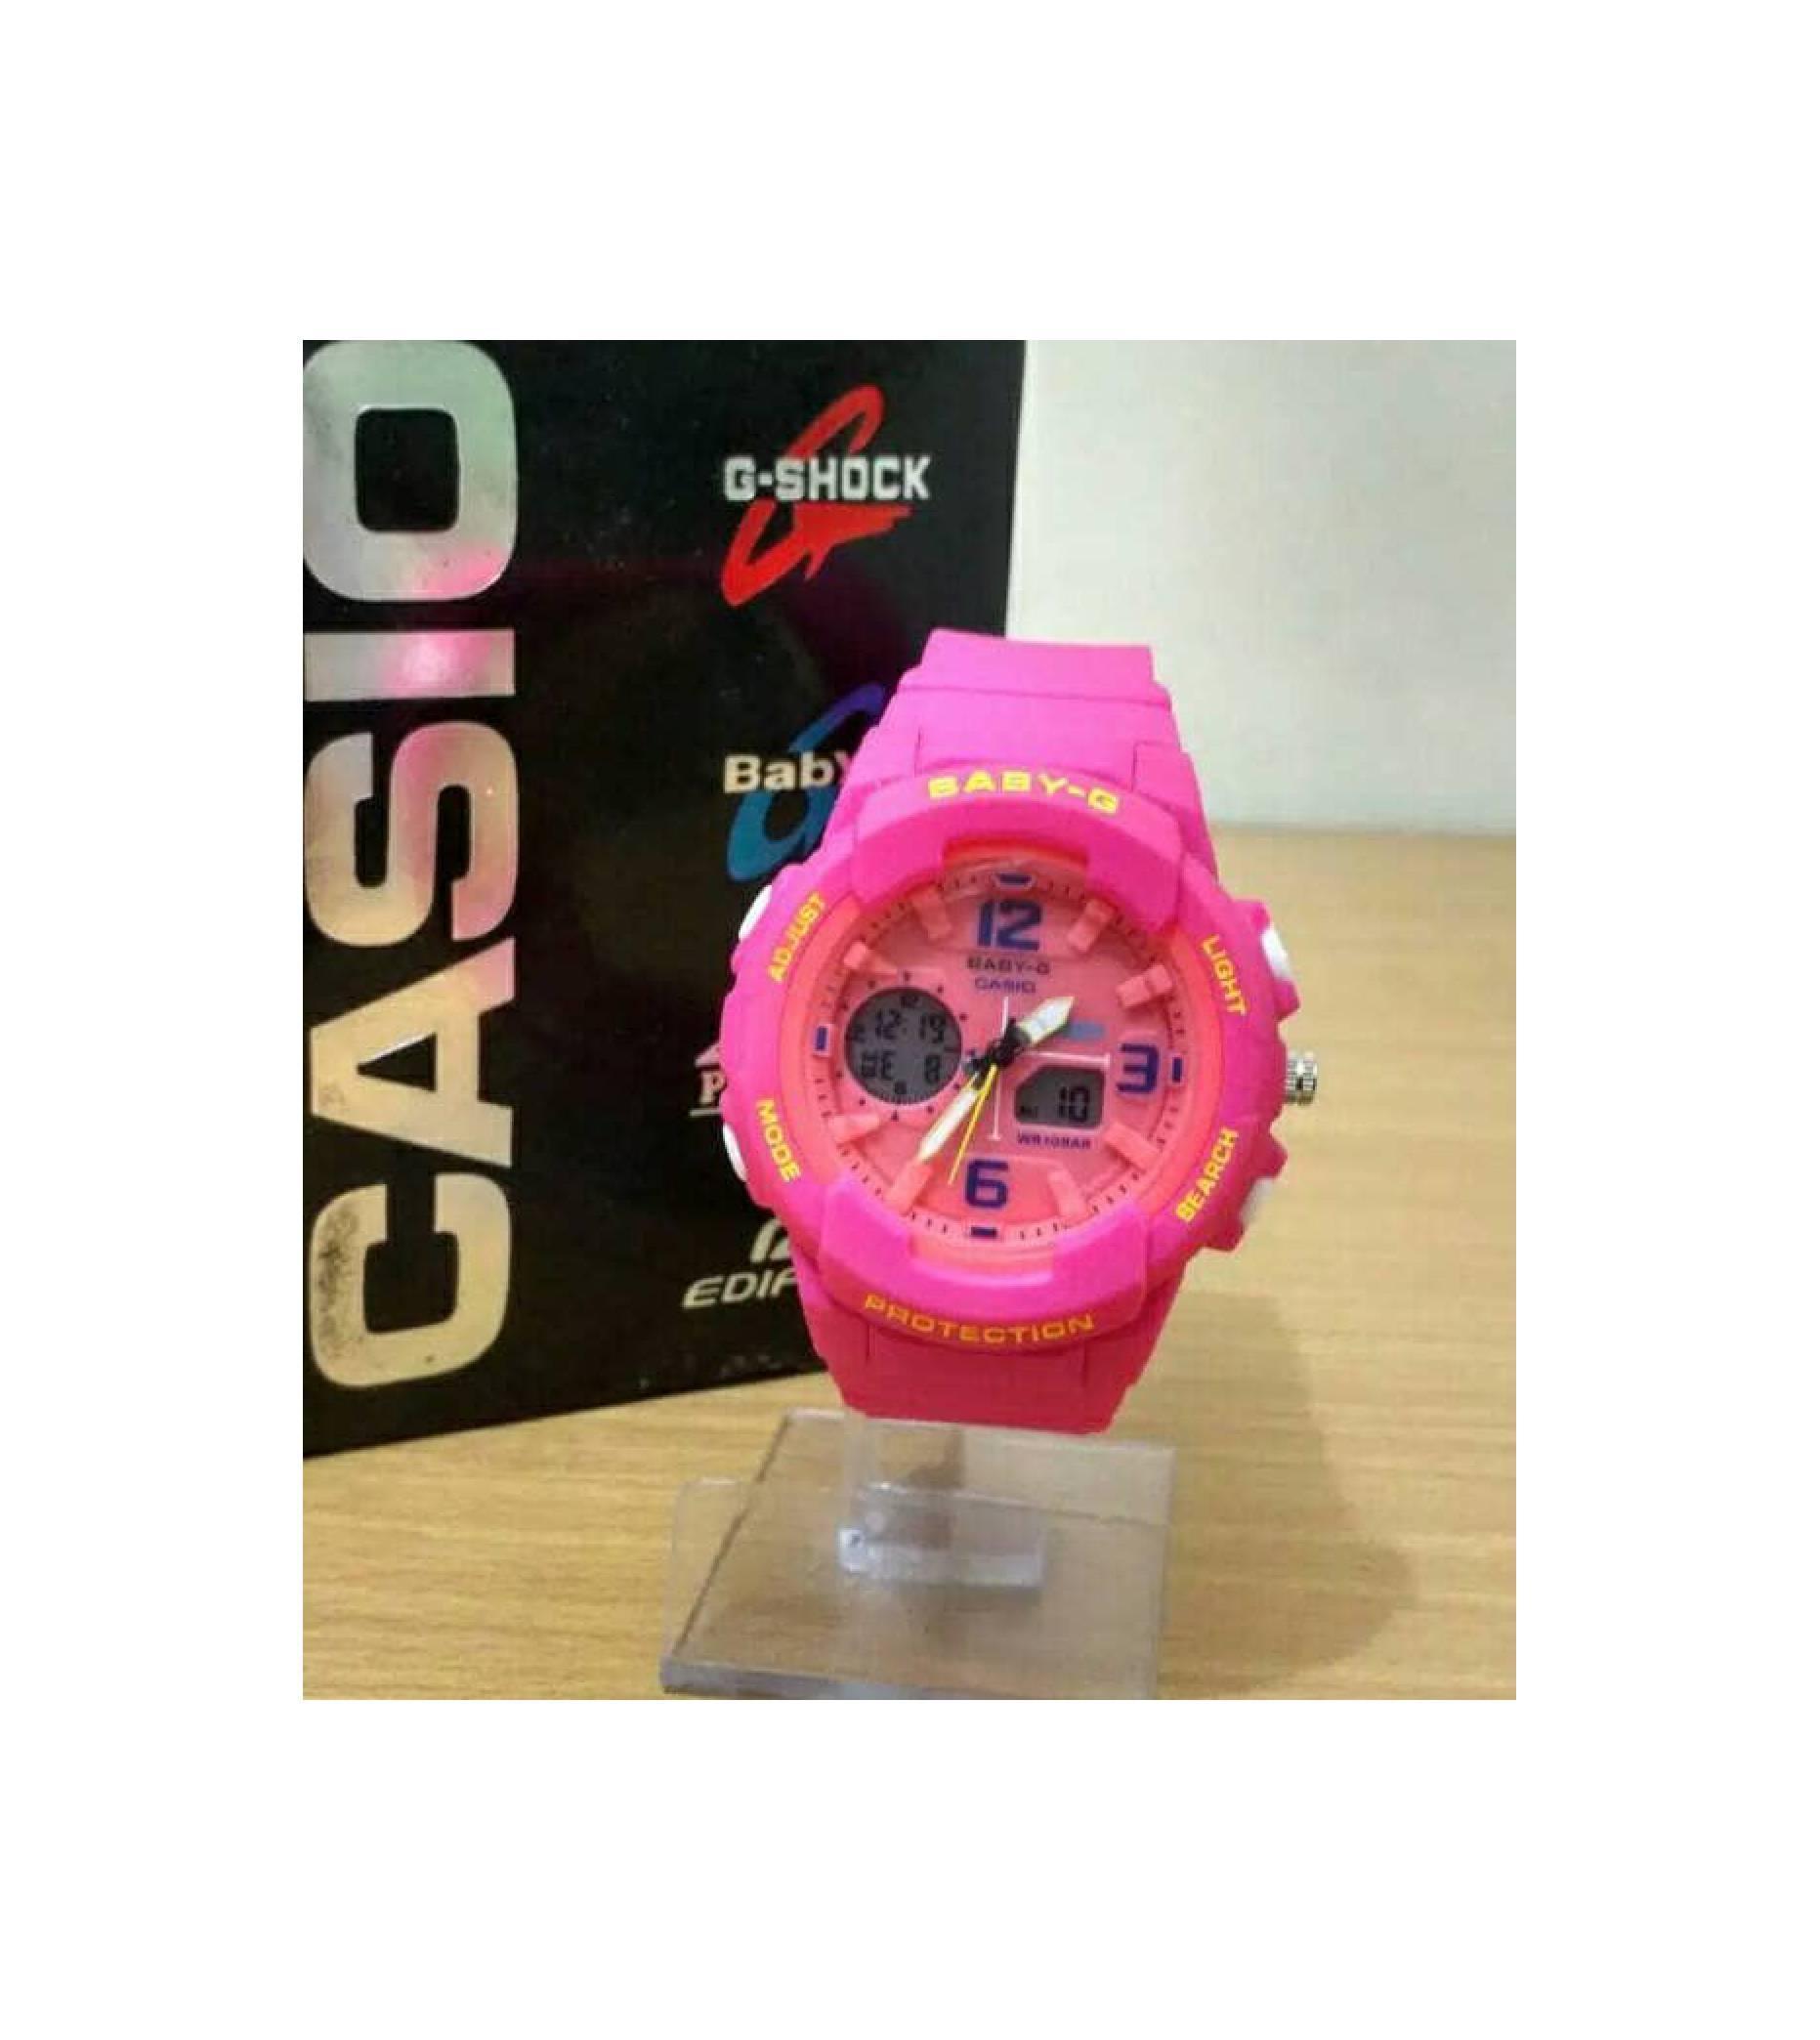 Fitur Casio Baby G Bga 230 4b Sinyal Waktu Setiap Jam Perempuan Tangan 185fs 4a Original Anak Abg Wanita Murah Ping